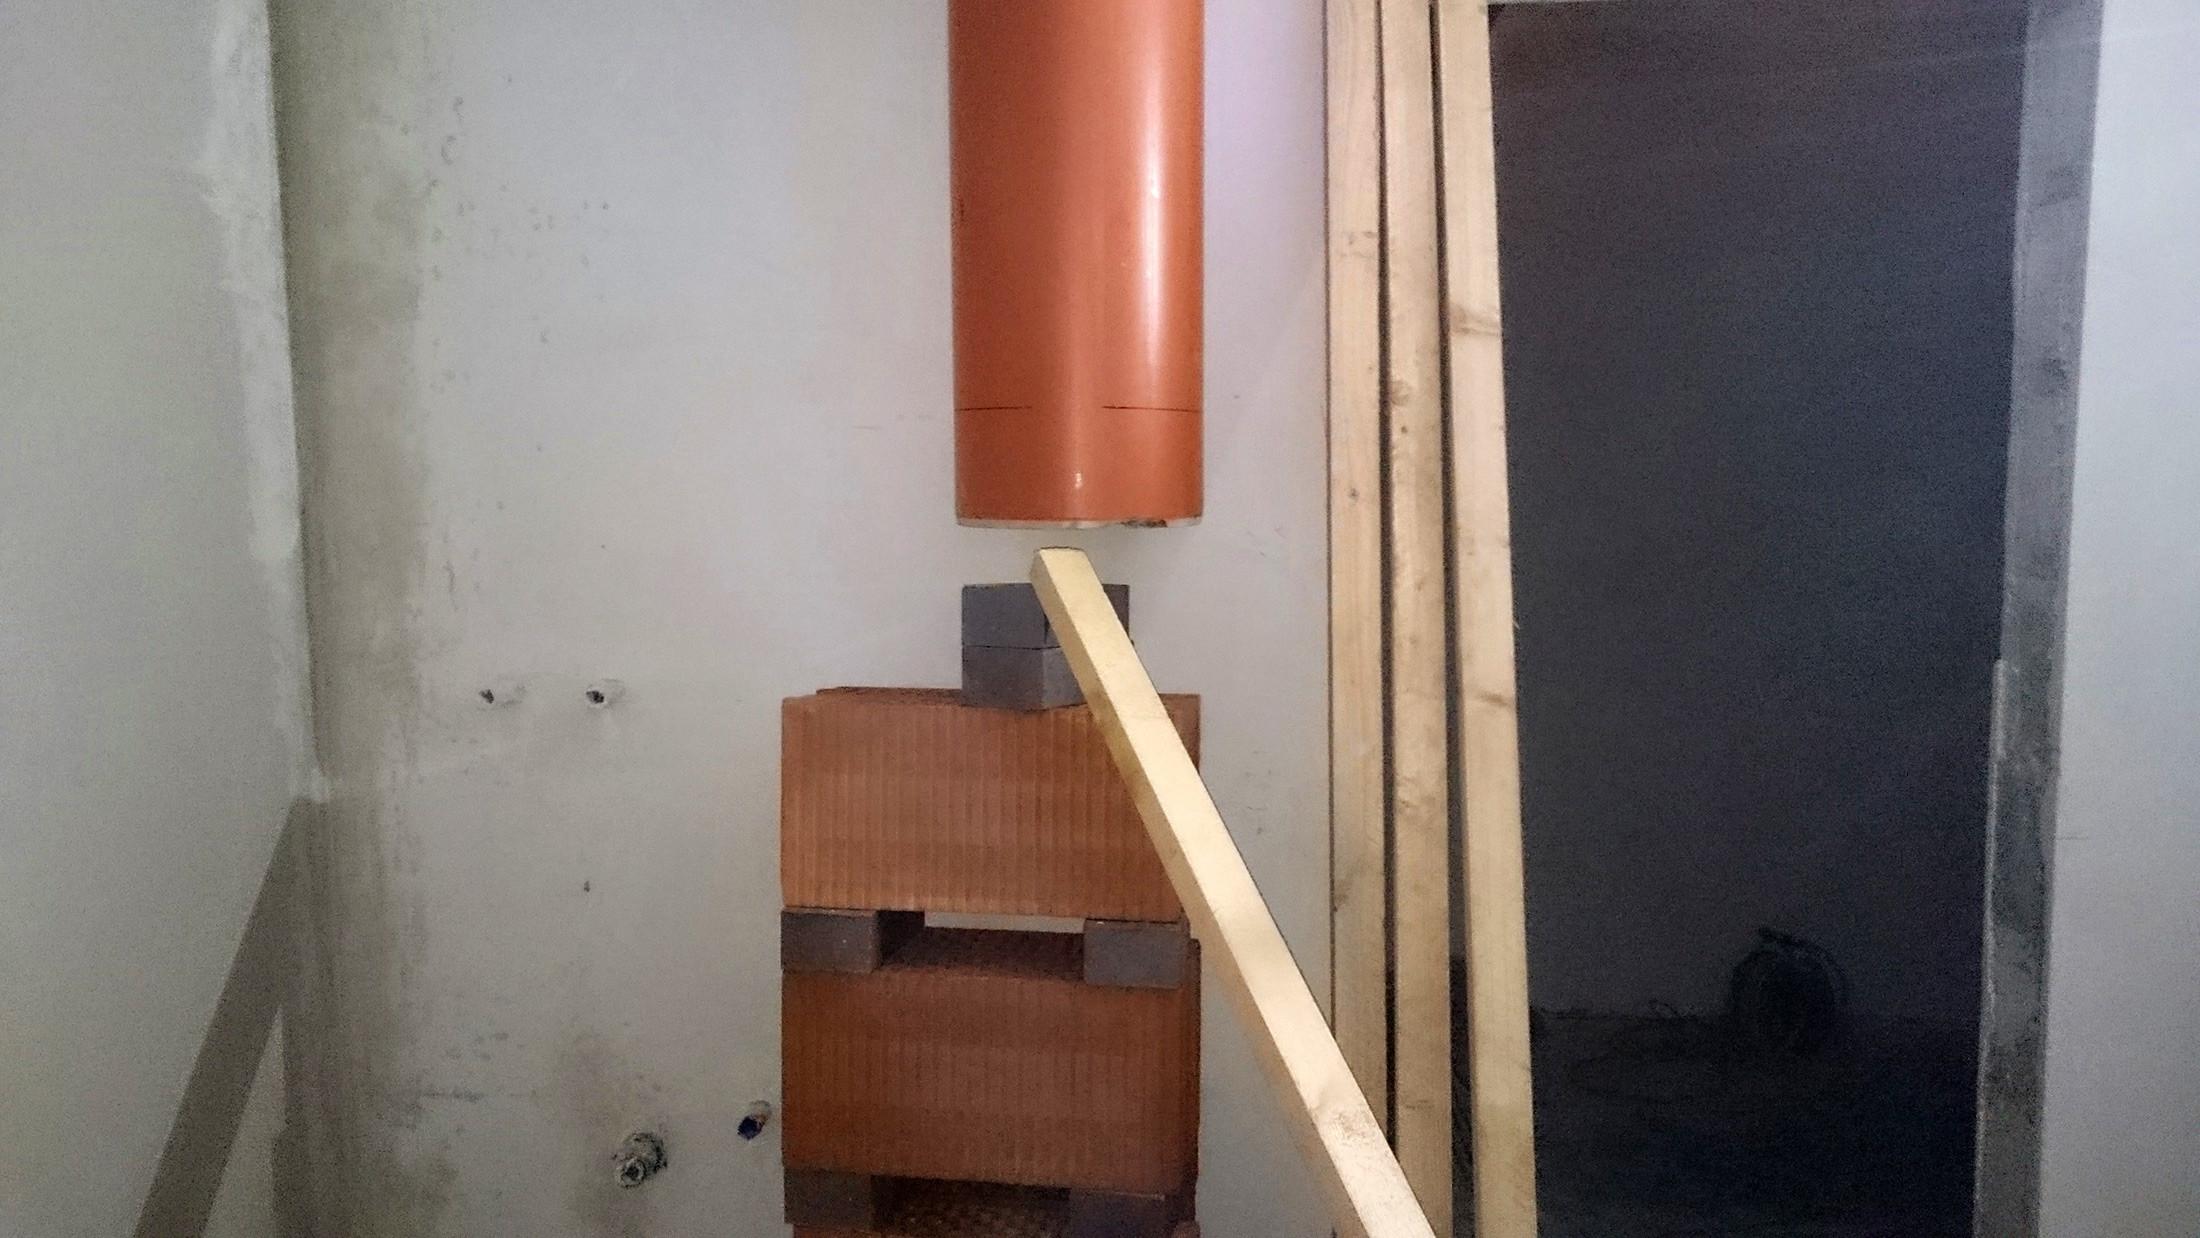 w scheabwurfschacht einbauen anleitung zum selber machen. Black Bedroom Furniture Sets. Home Design Ideas